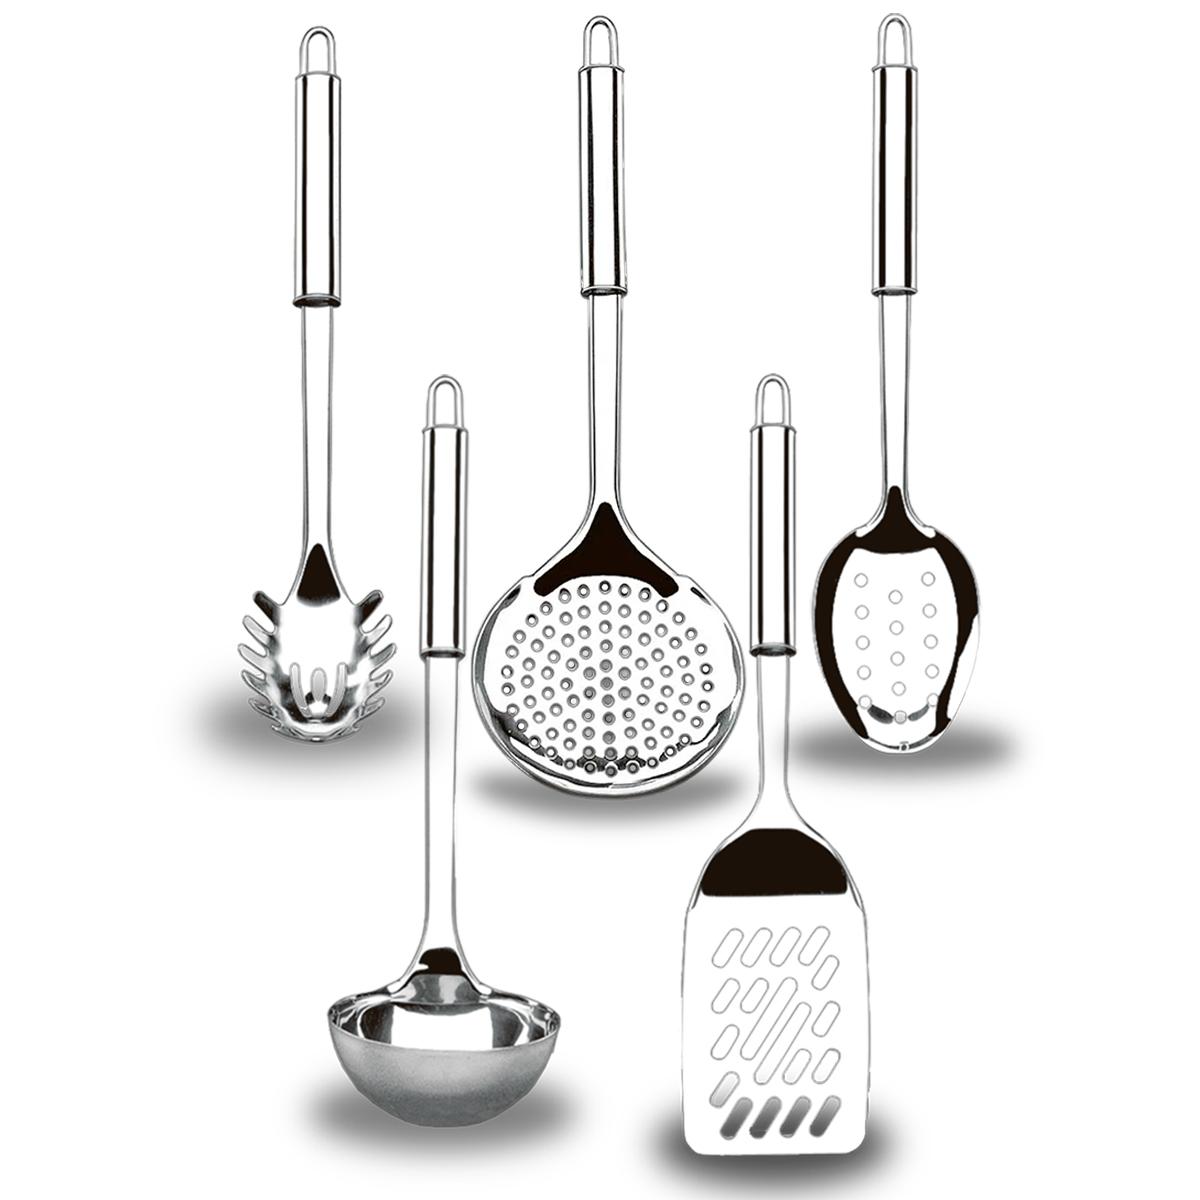 Kit 5 utensílios em Inox Top Pratic Brinox